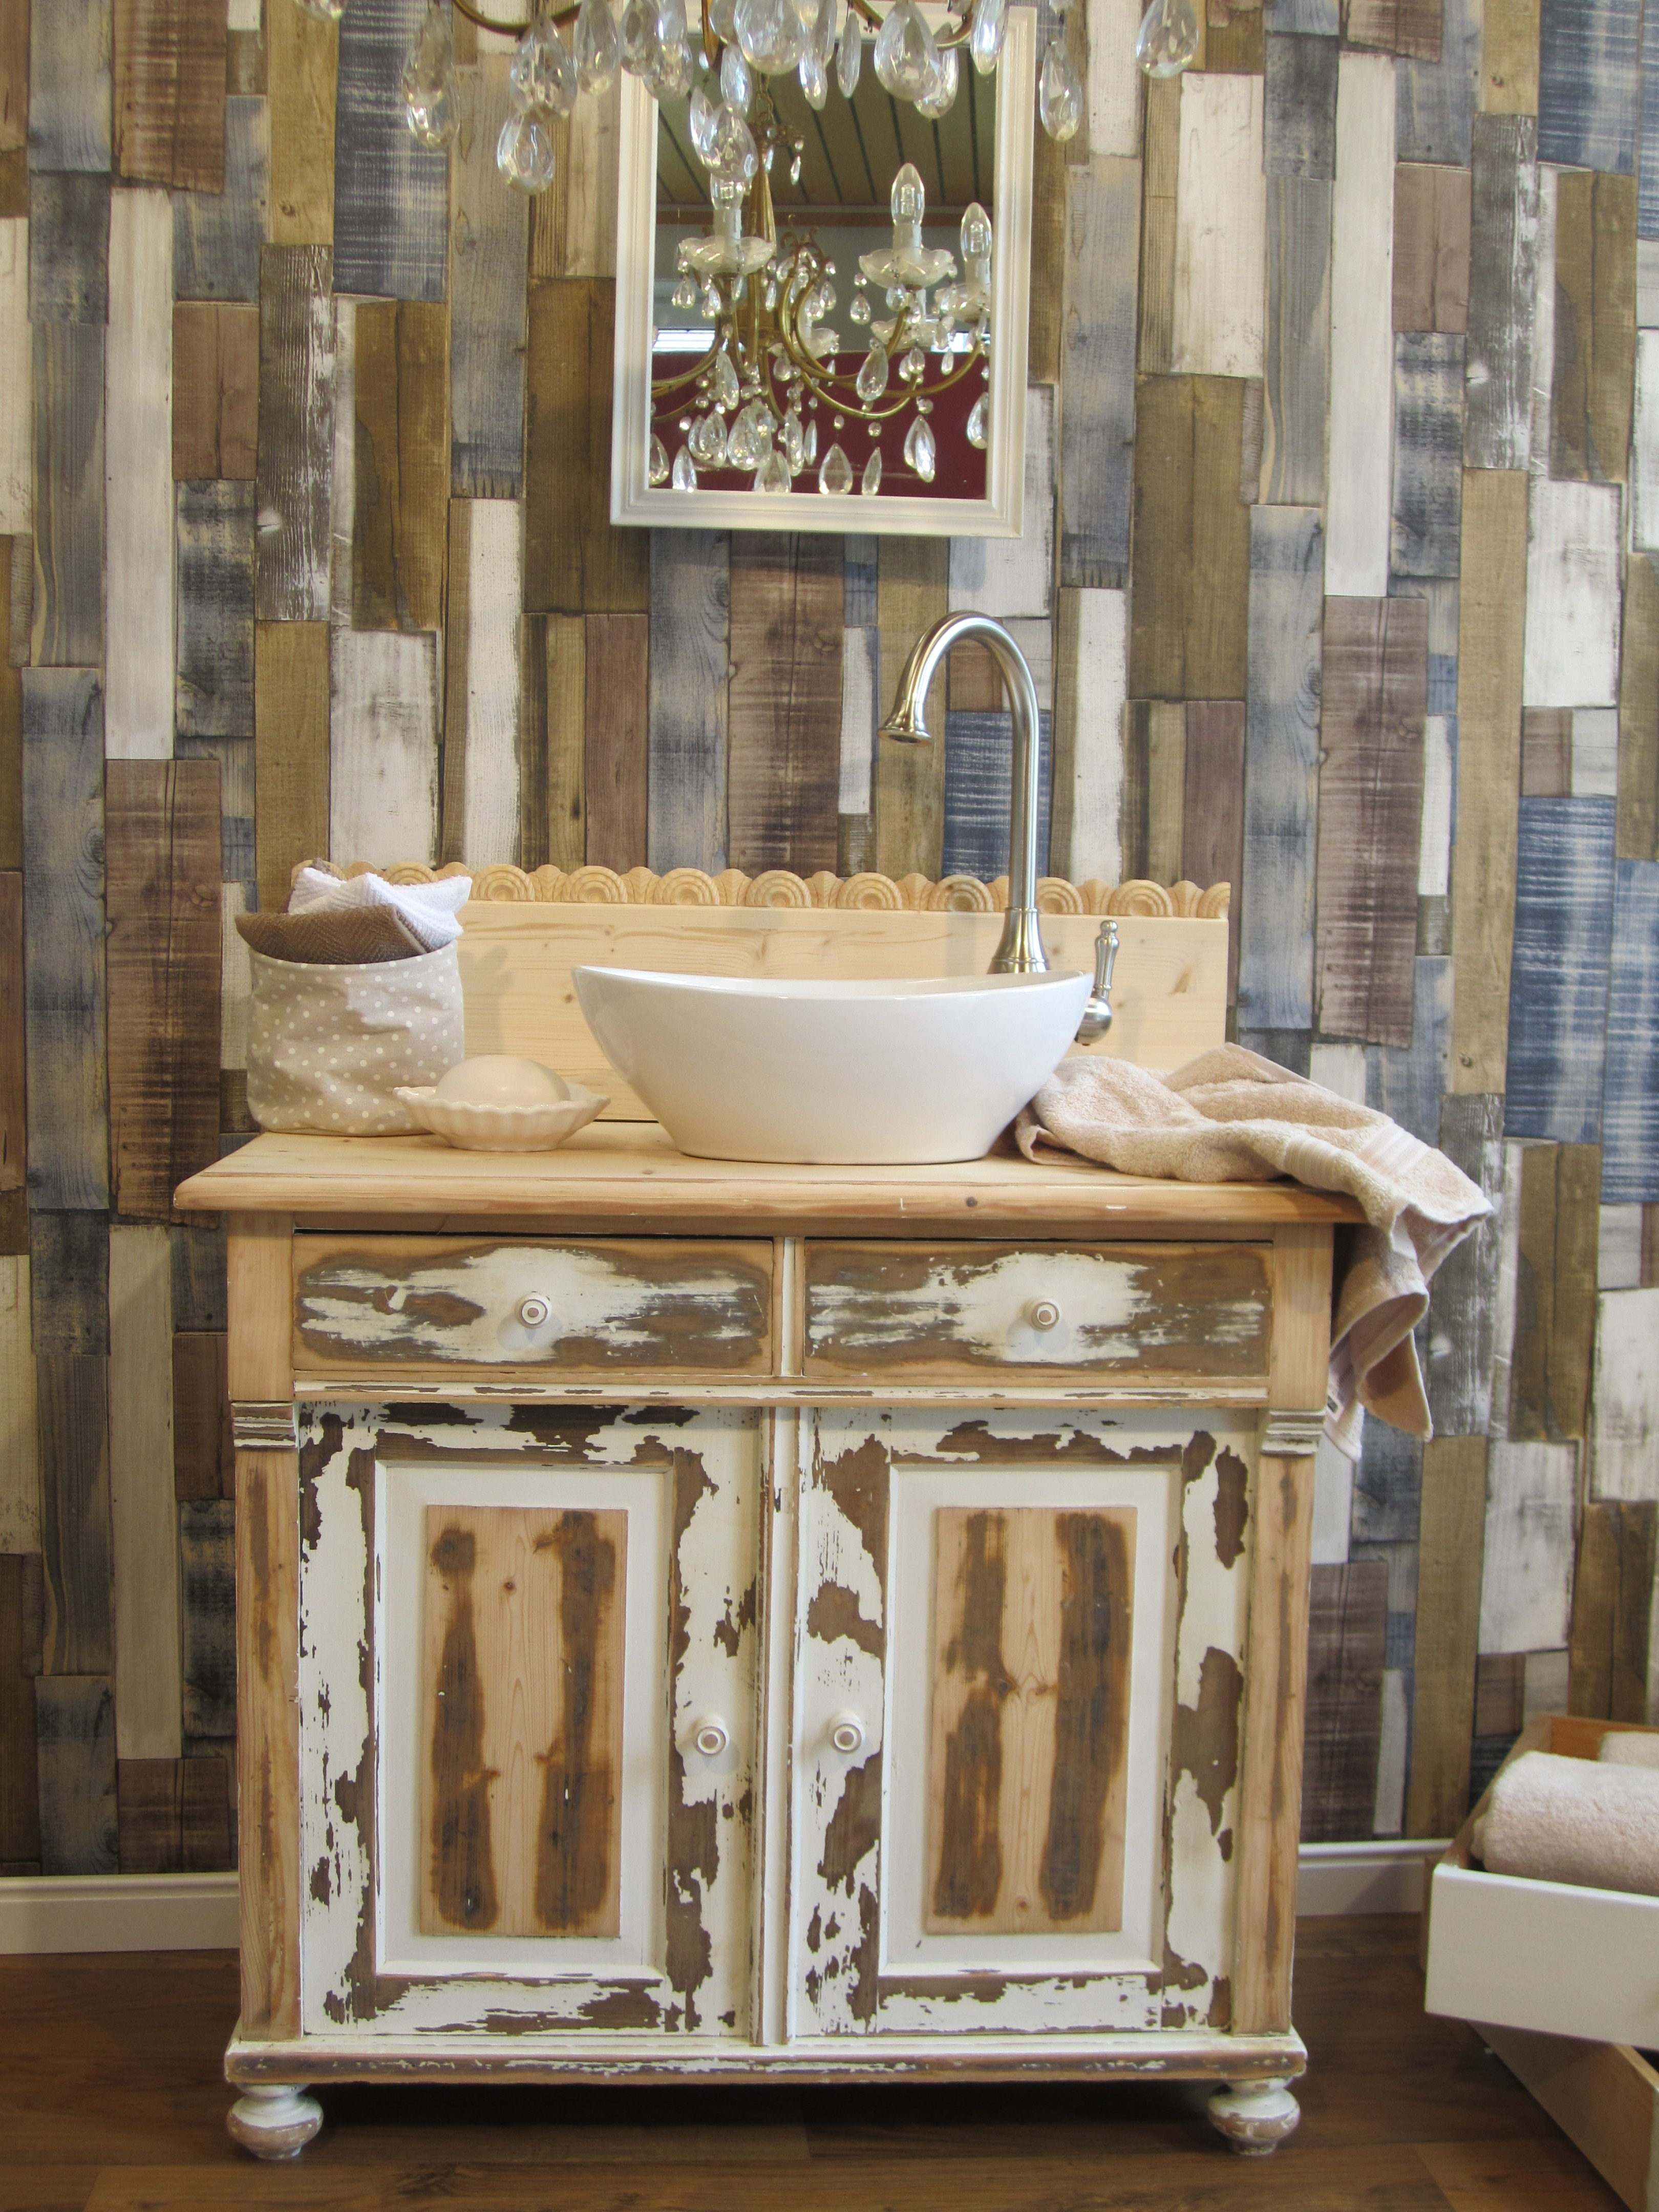 stil mit ecken und kanten wasserheimat. Black Bedroom Furniture Sets. Home Design Ideas